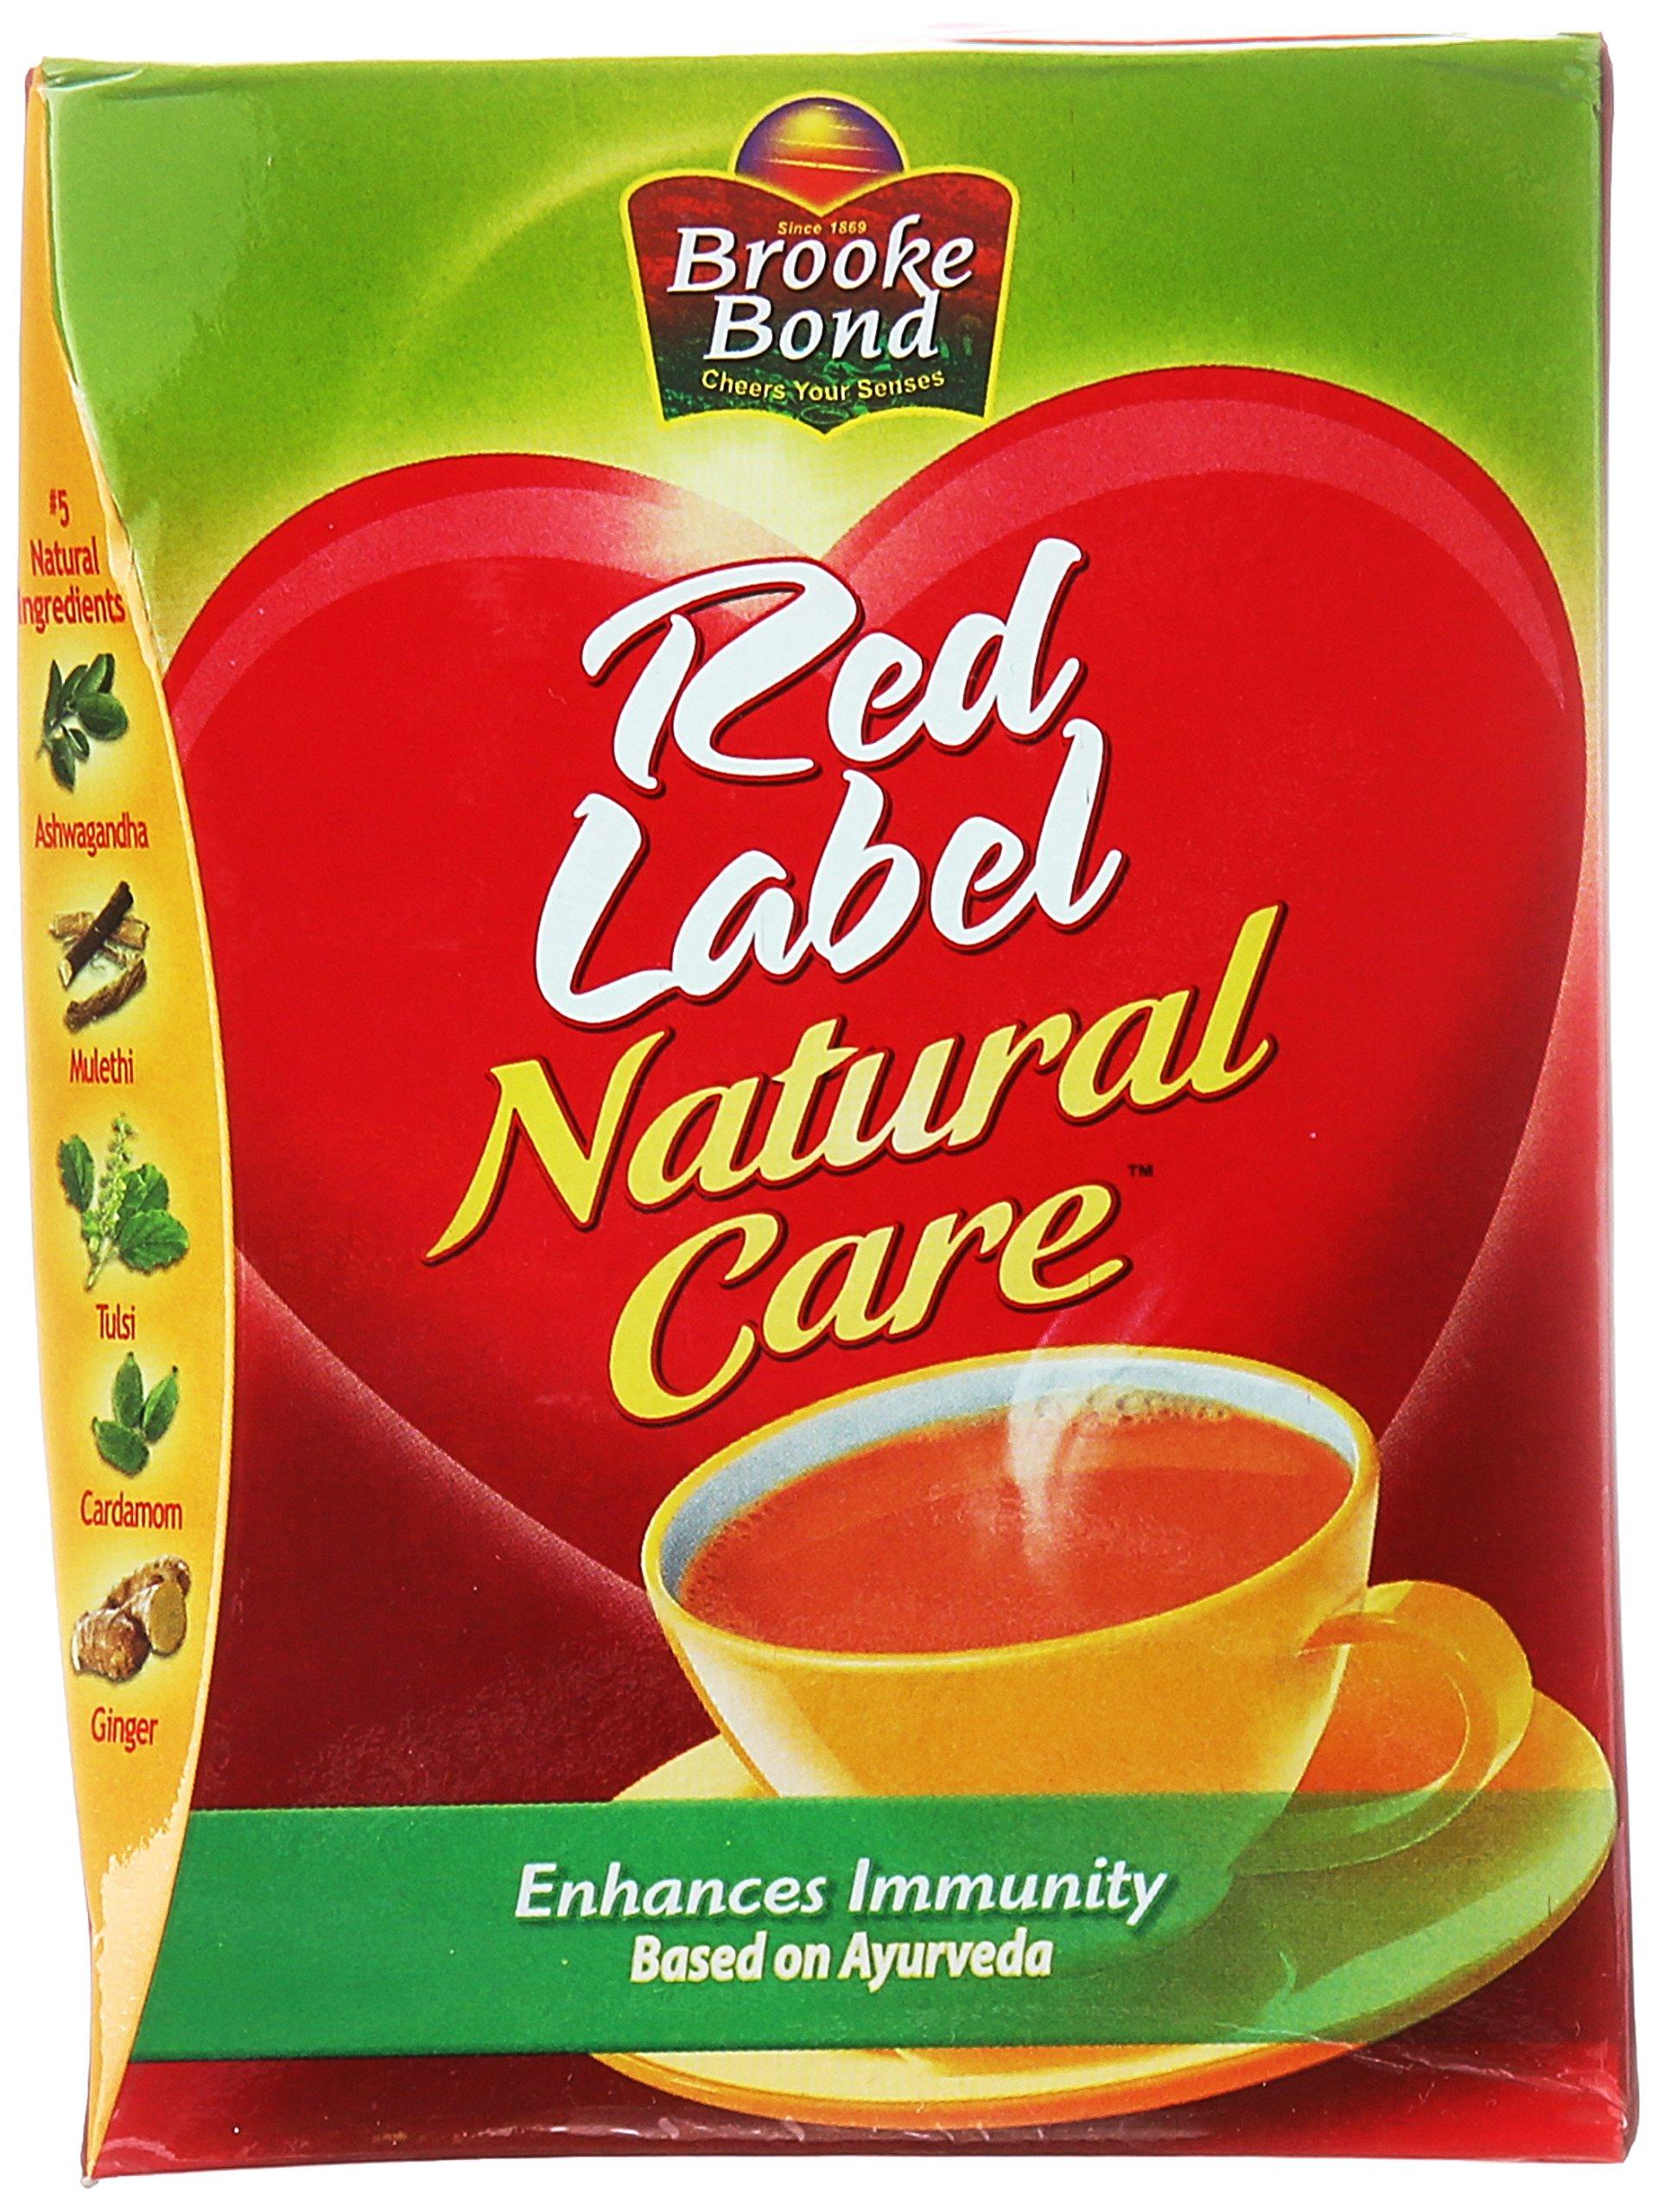 Brooke Bond Red Label Natural Care (5 Ayurvedic Ingredients) 250gms